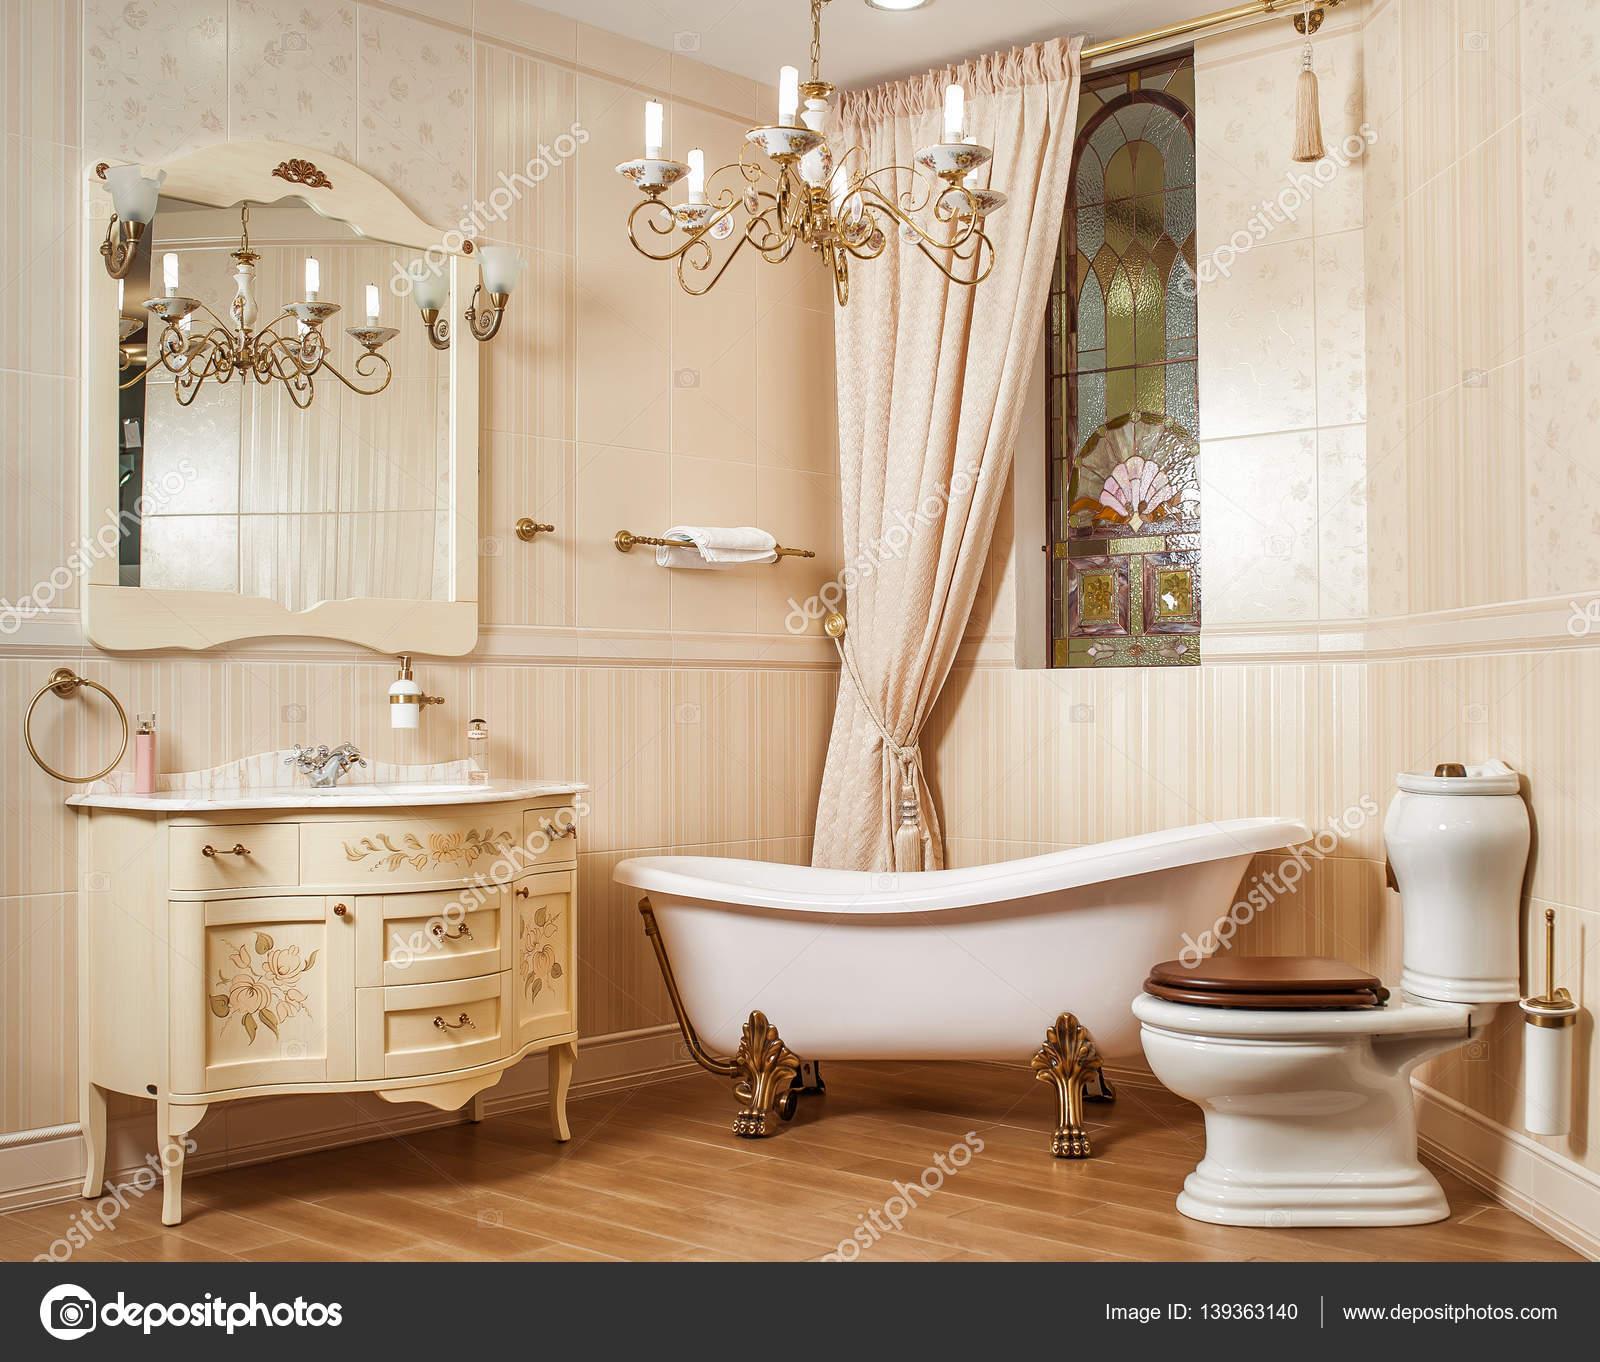 Vasca Da Bagno Stile Antico : Bagno moderno e antico piastrelle bagno rosa antico interesting